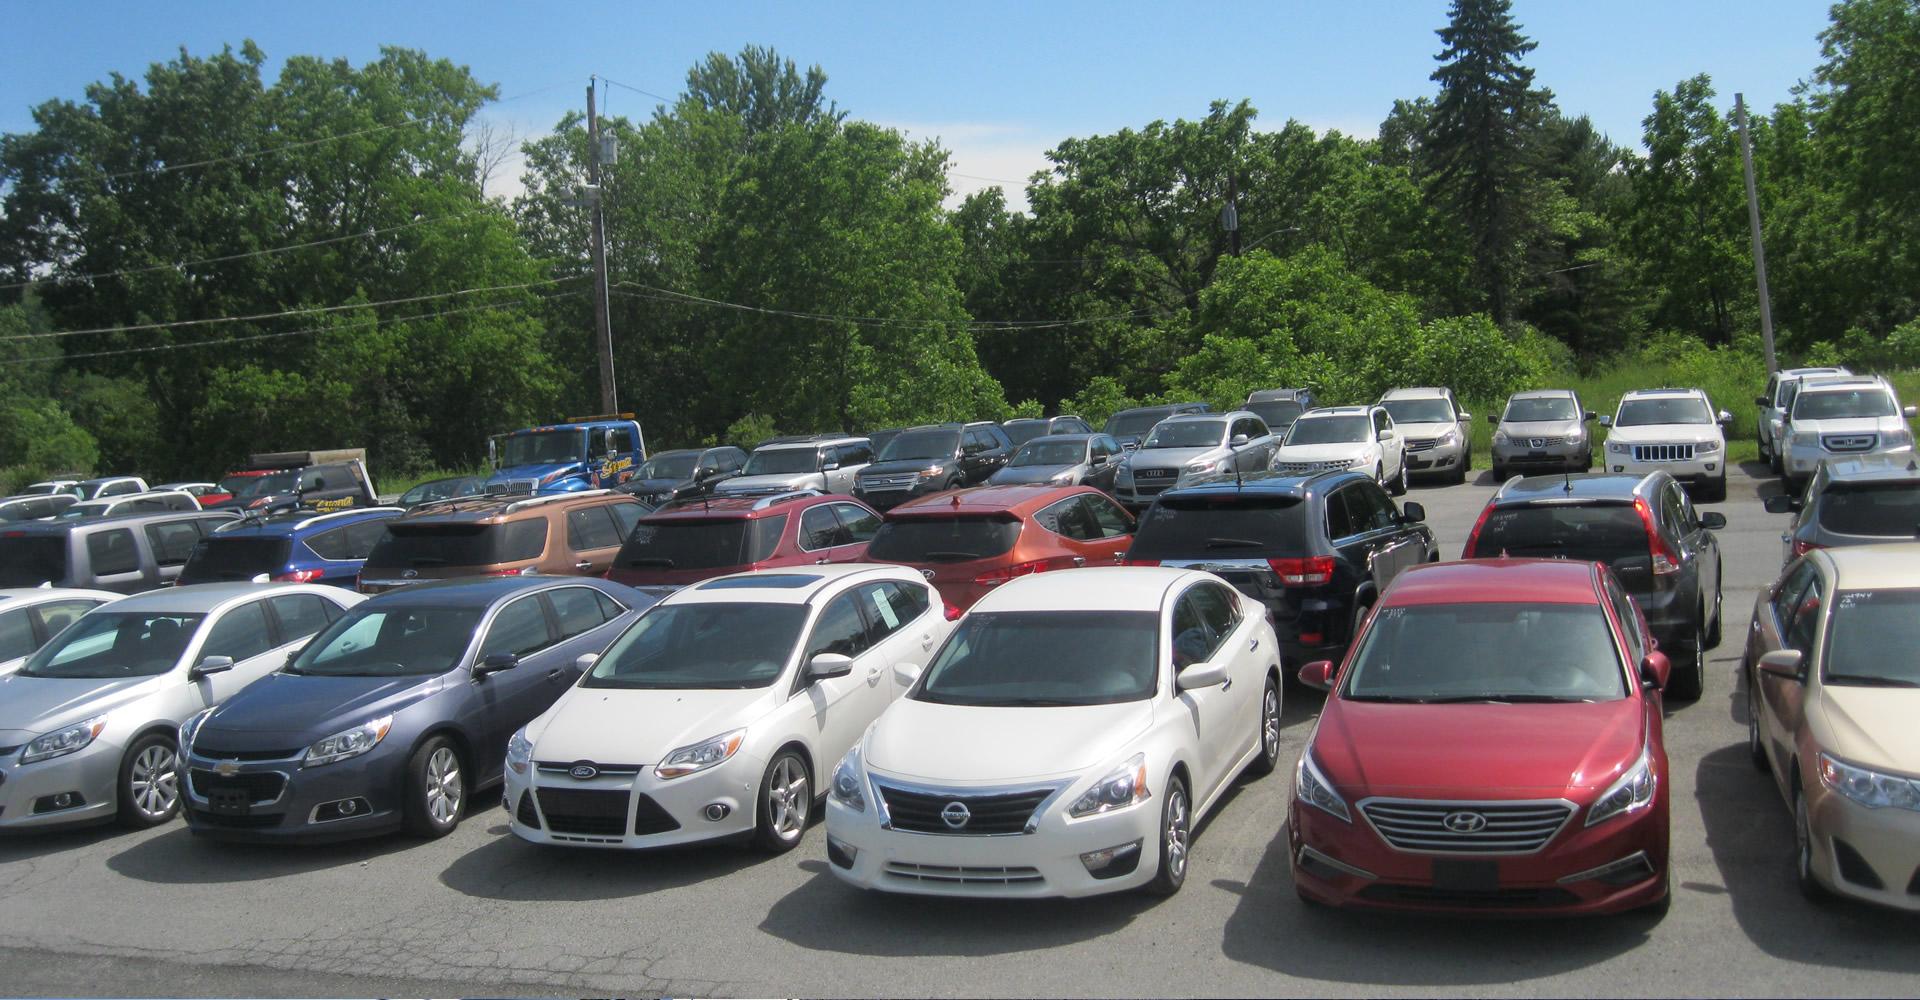 Used Cars New Hampton NY   Used Cars & Trucks NY   Frank Siena's Auto Sales  Inc.